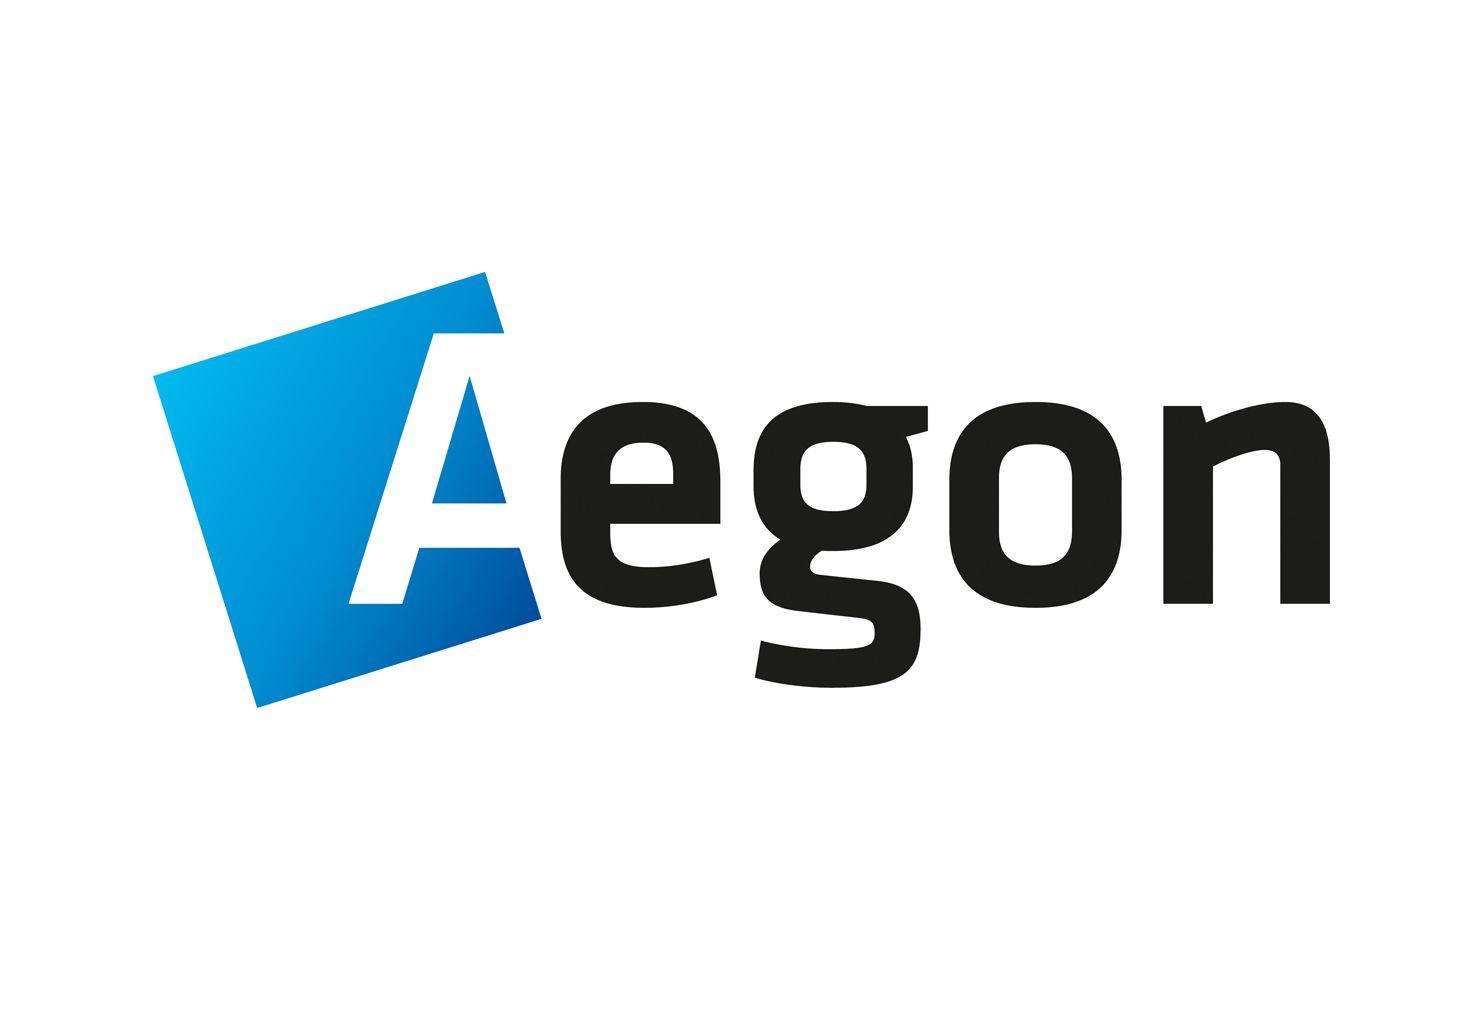 Afbeeldingsresultaat voor aegon logo.